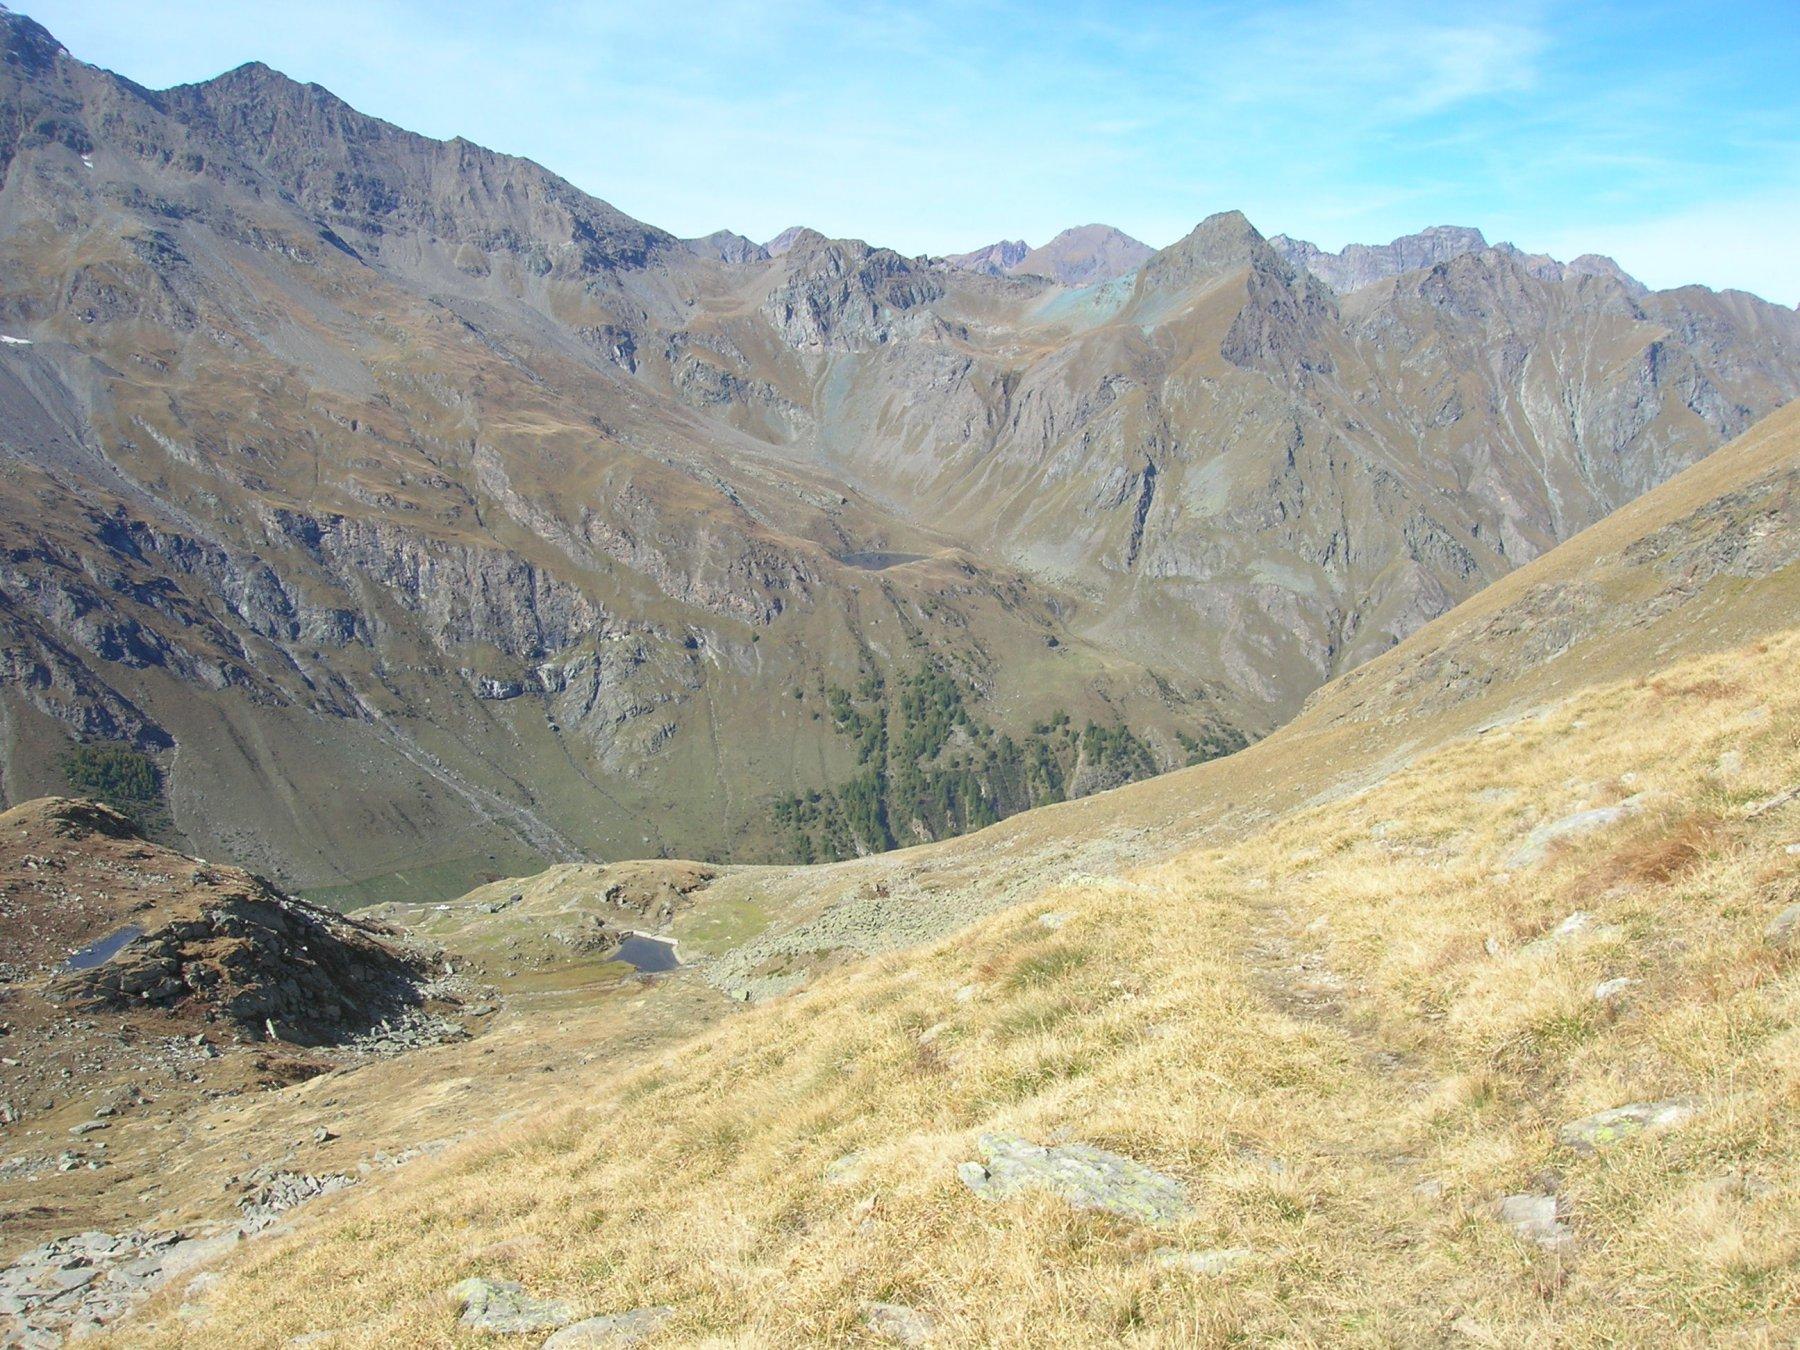 L'origine del sentiero che dal Col d'Eyele scende sul Tramail d'Eyele